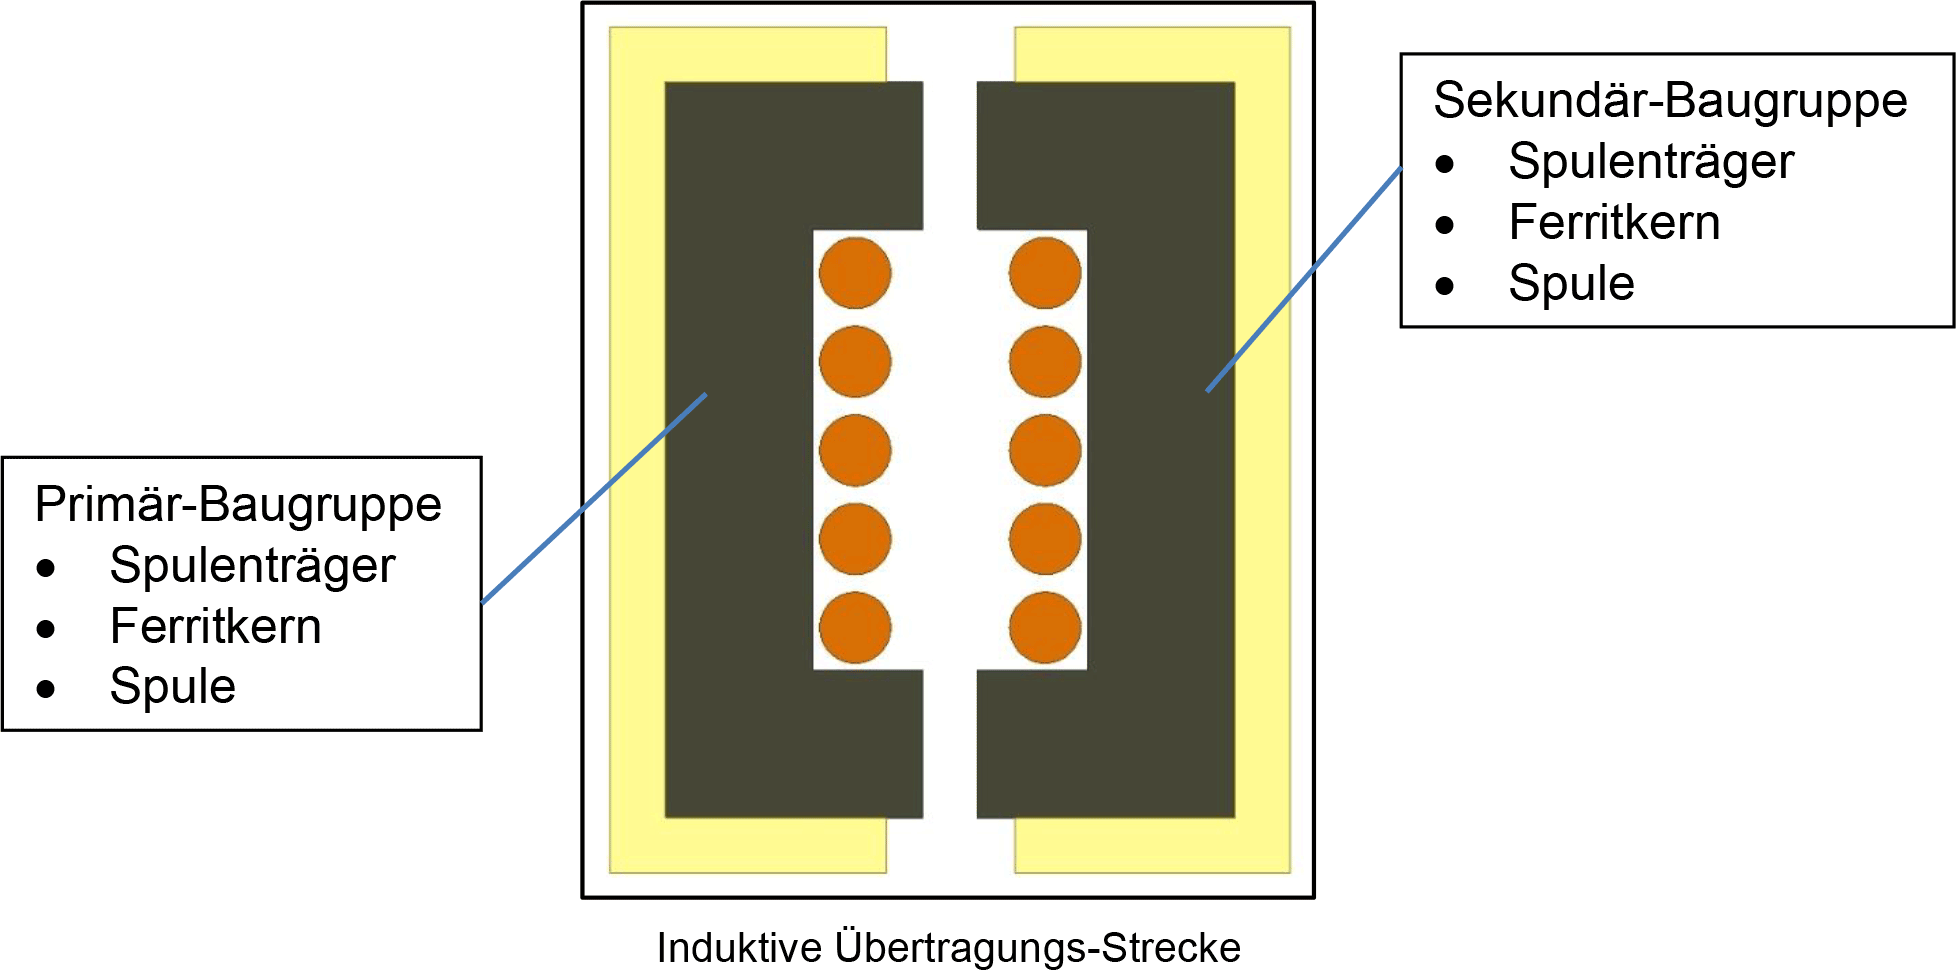 Induktive-Uebertragungs-Strecke